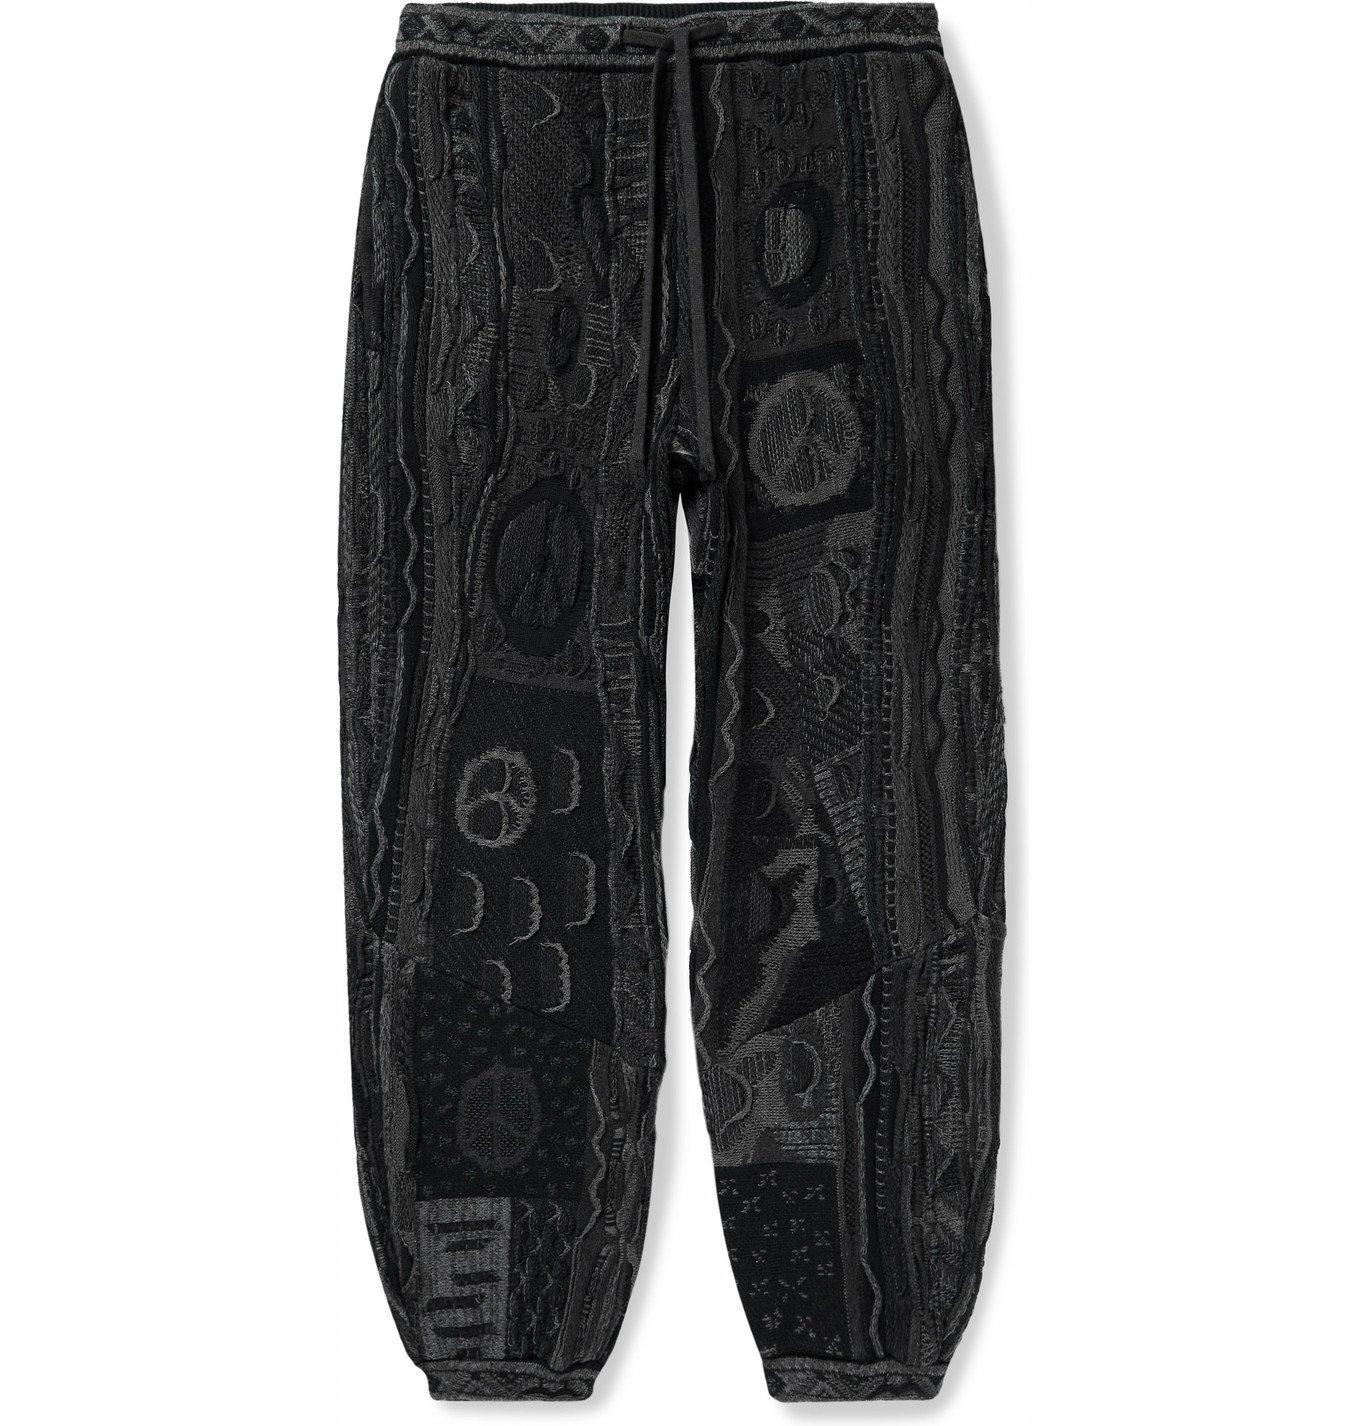 KAPITAL - Boro Tapered Cotton-Blend Jacquard Sweatpants - Black